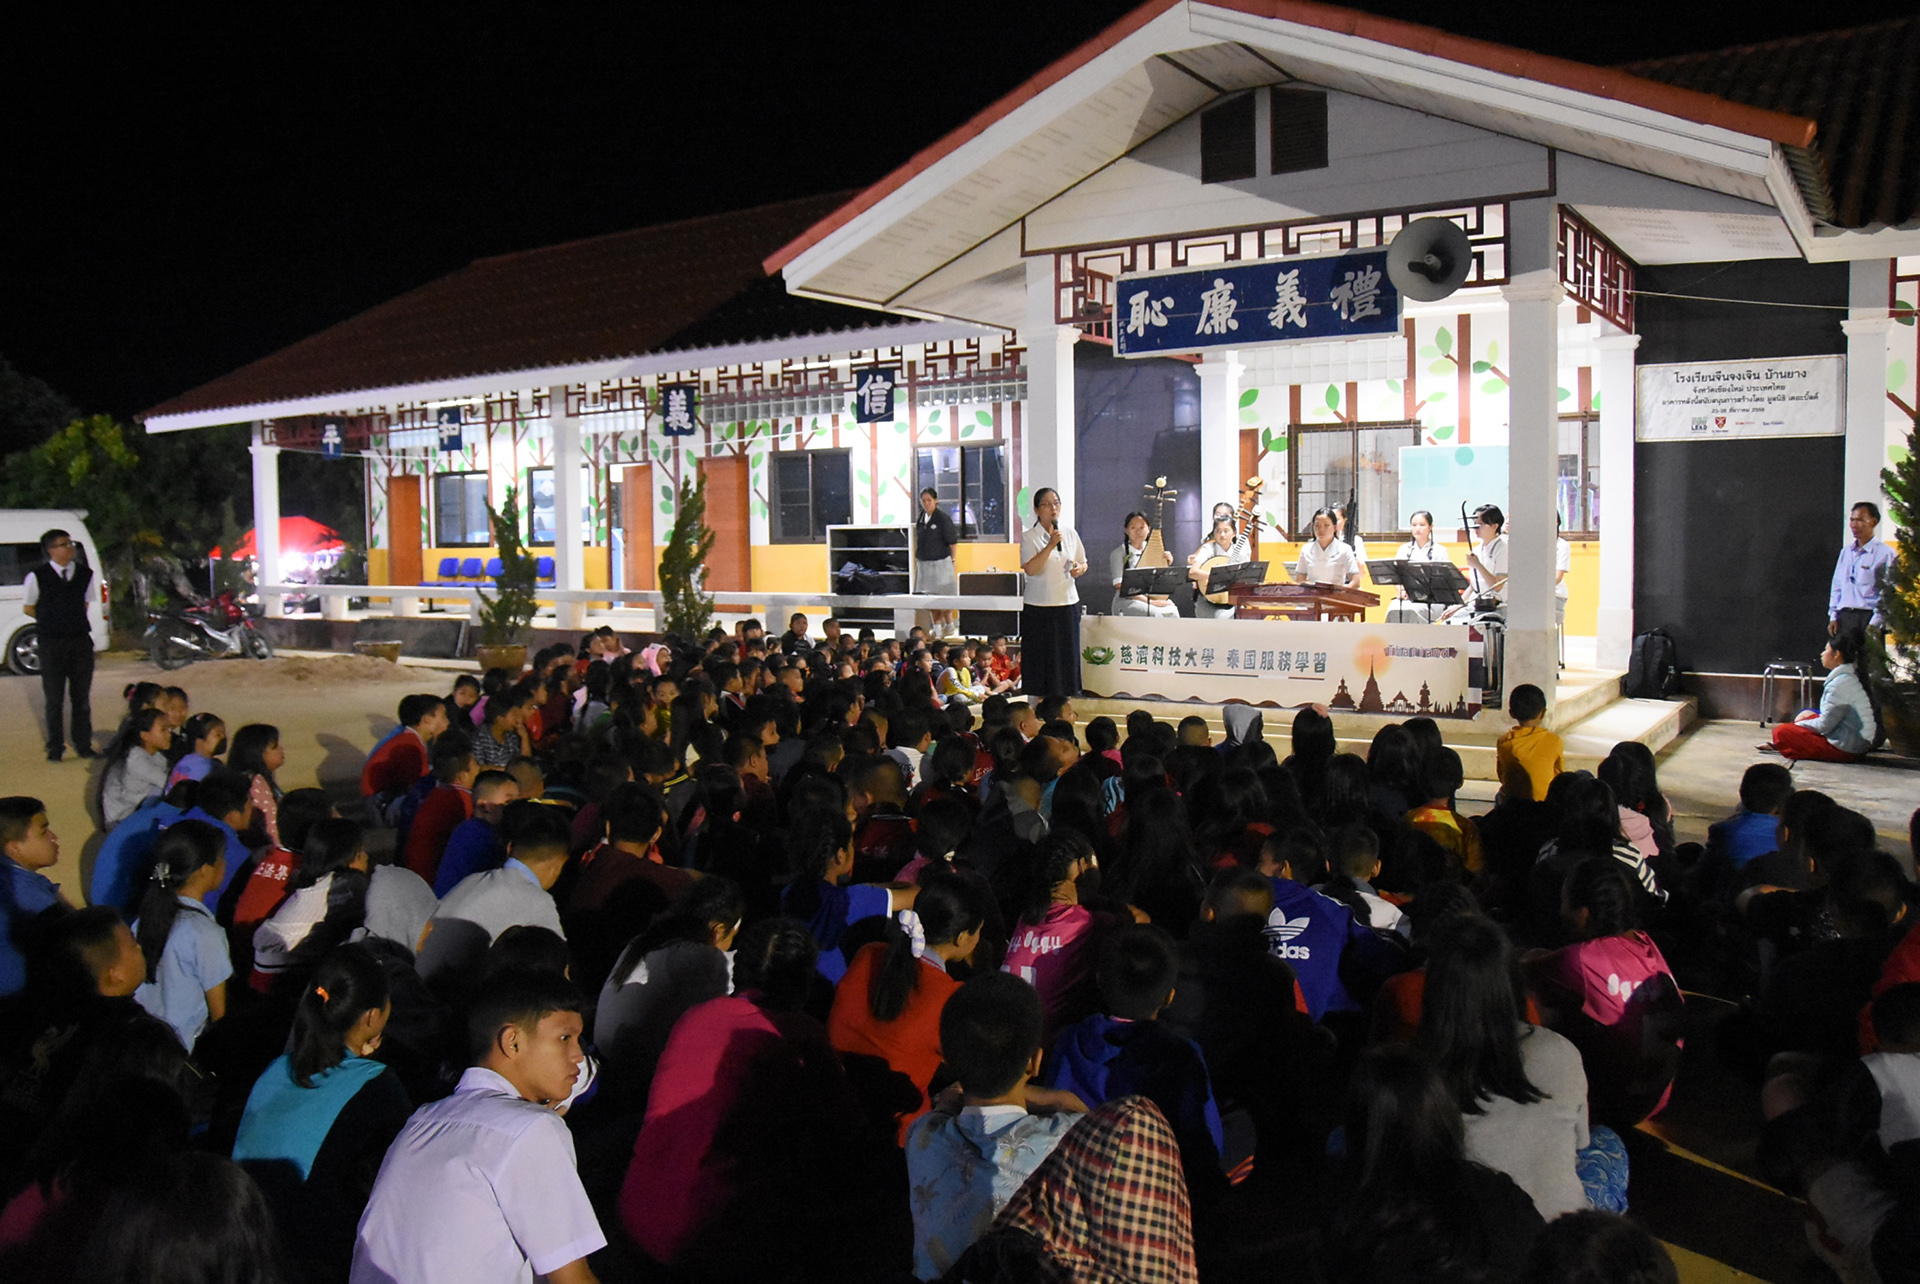 萬養忠貞中學特地集合全校400名學生,進行一場音樂饗宴。